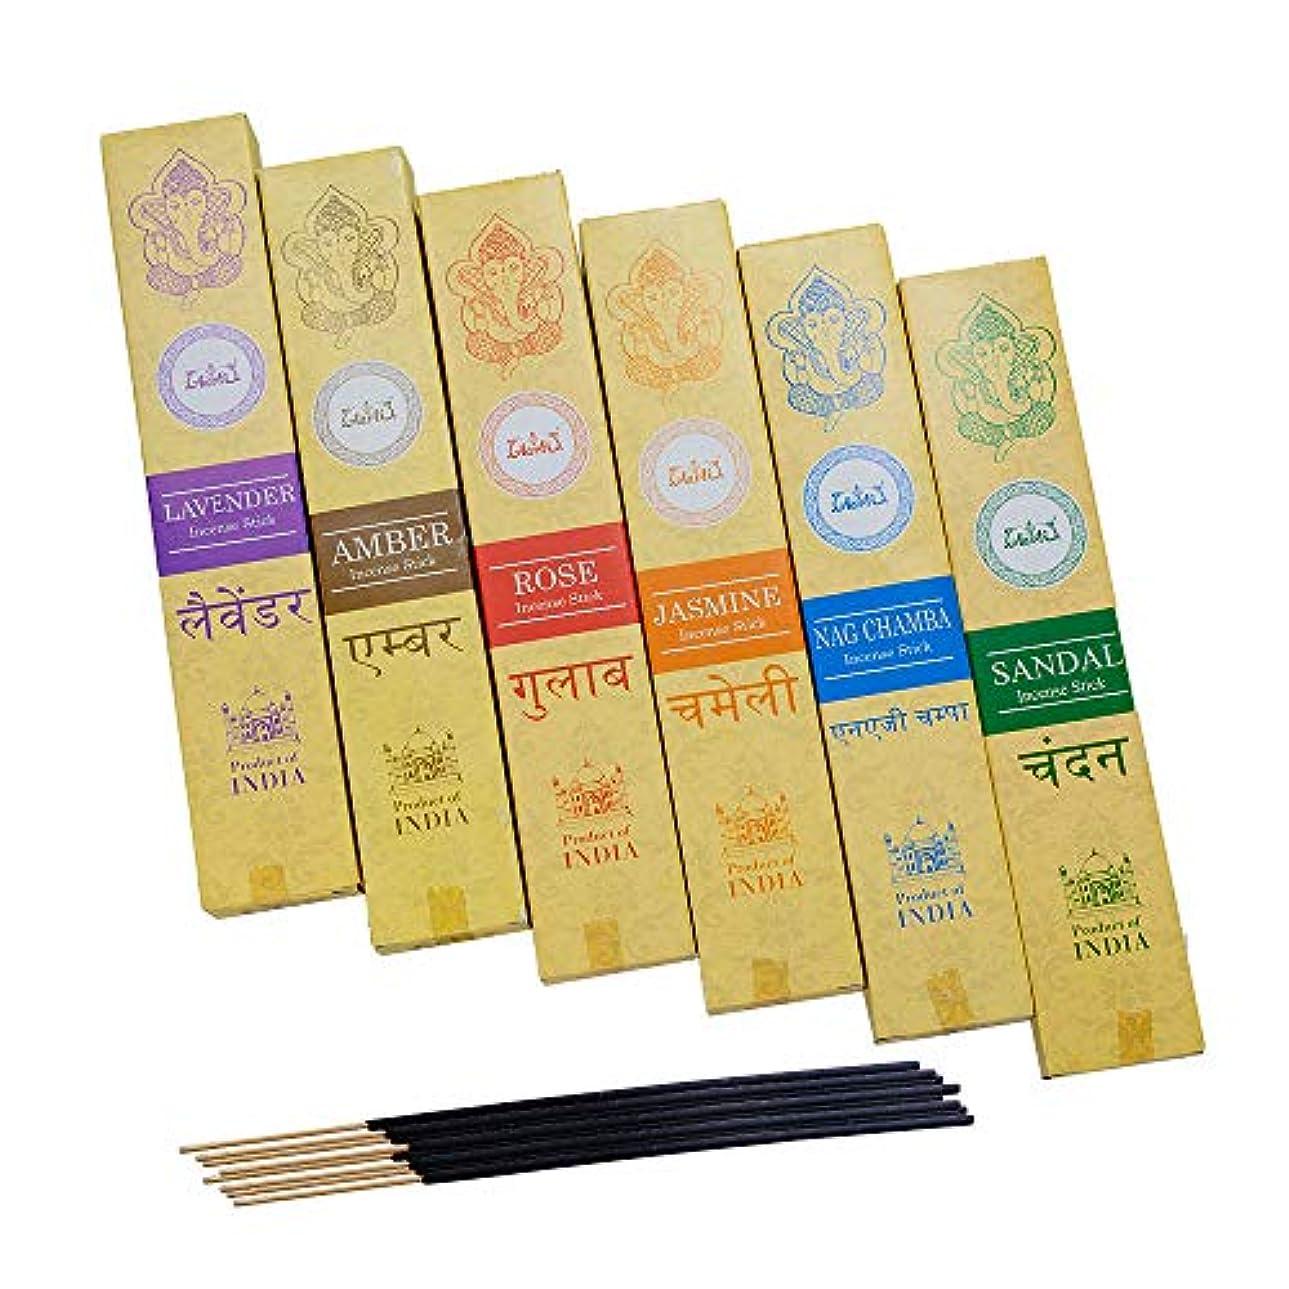 説明的のれん承認神戸アールティー インド お香 6種類 セット スティック インセンス